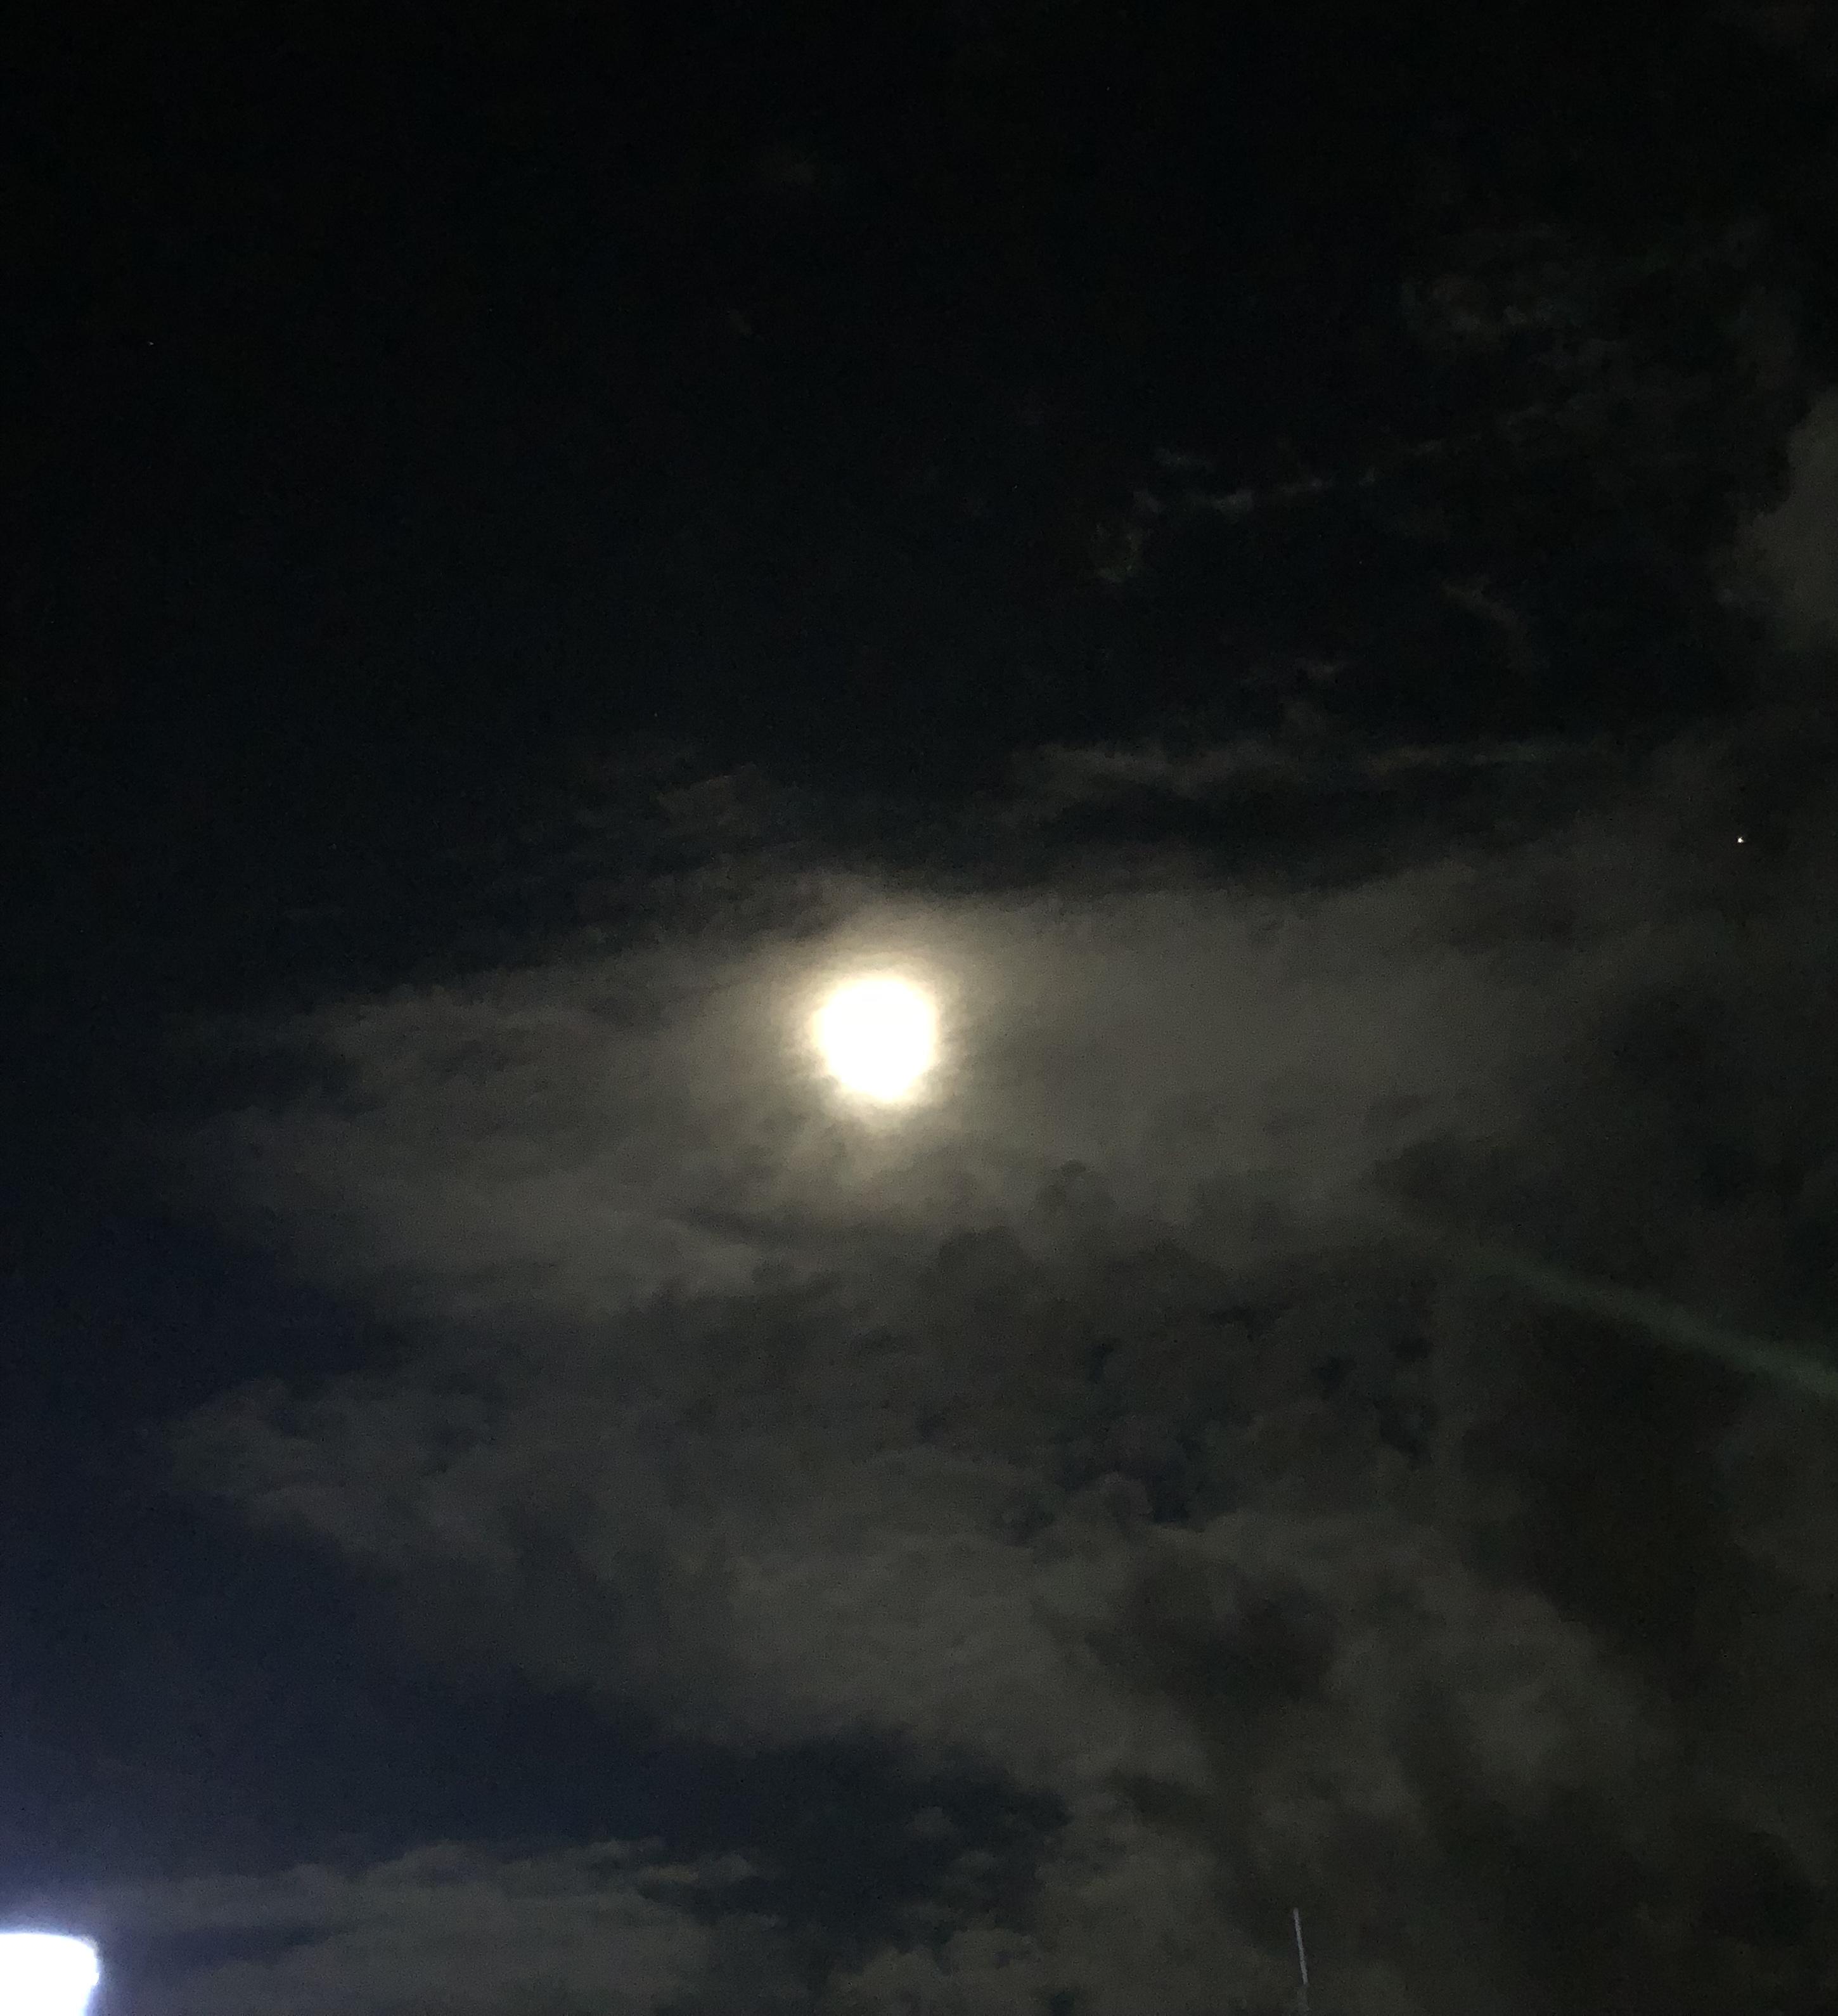 綺麗な満月でした